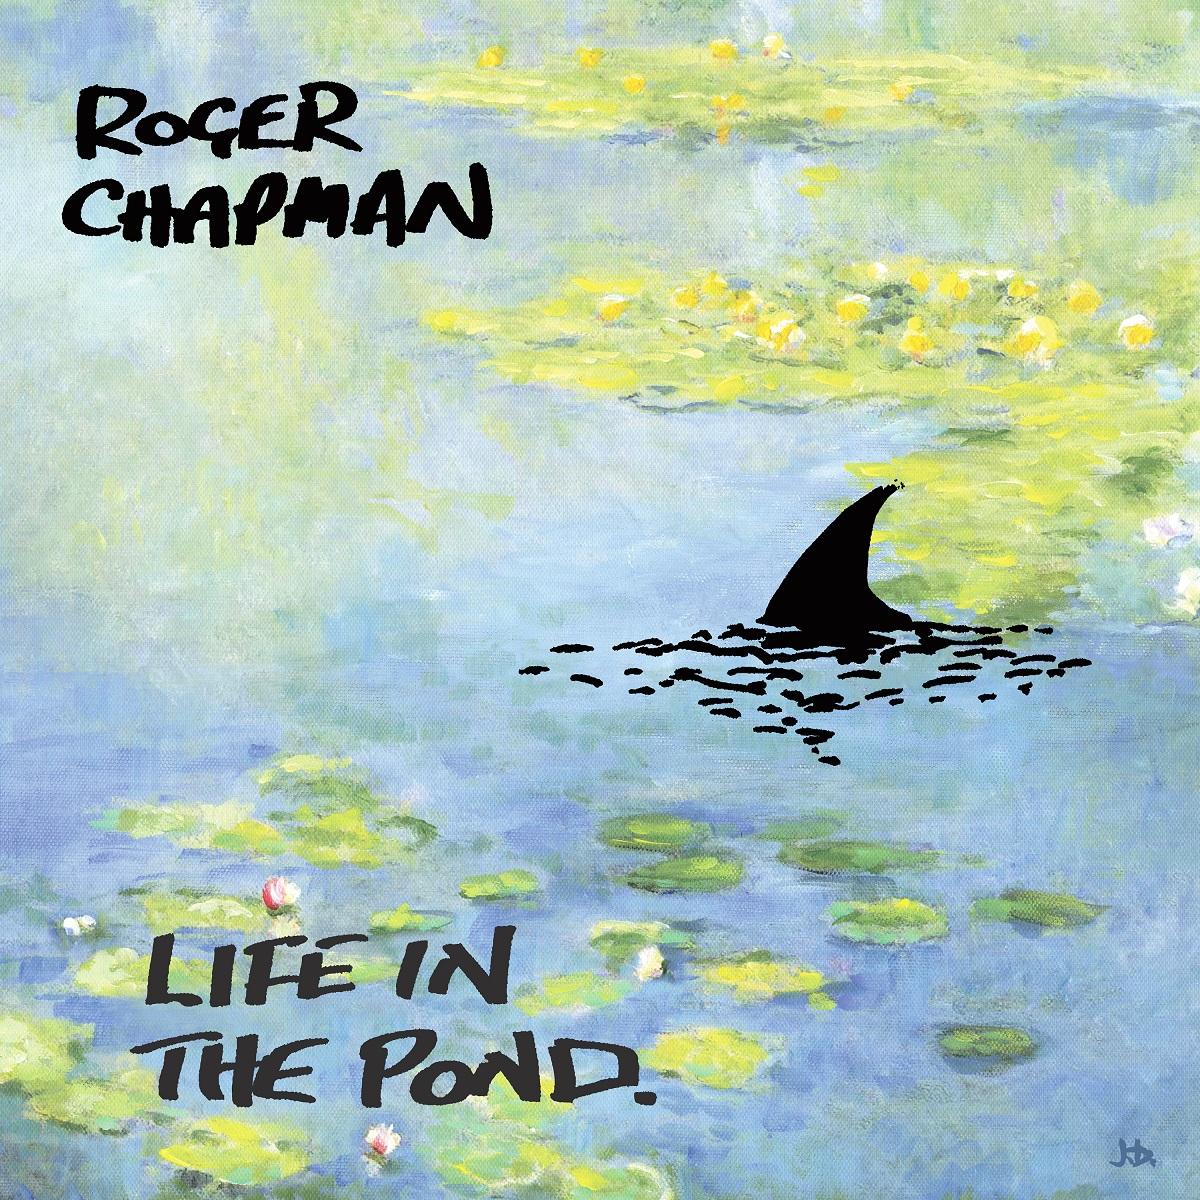 Neues Album und Video Roger Chapman – RUF1287